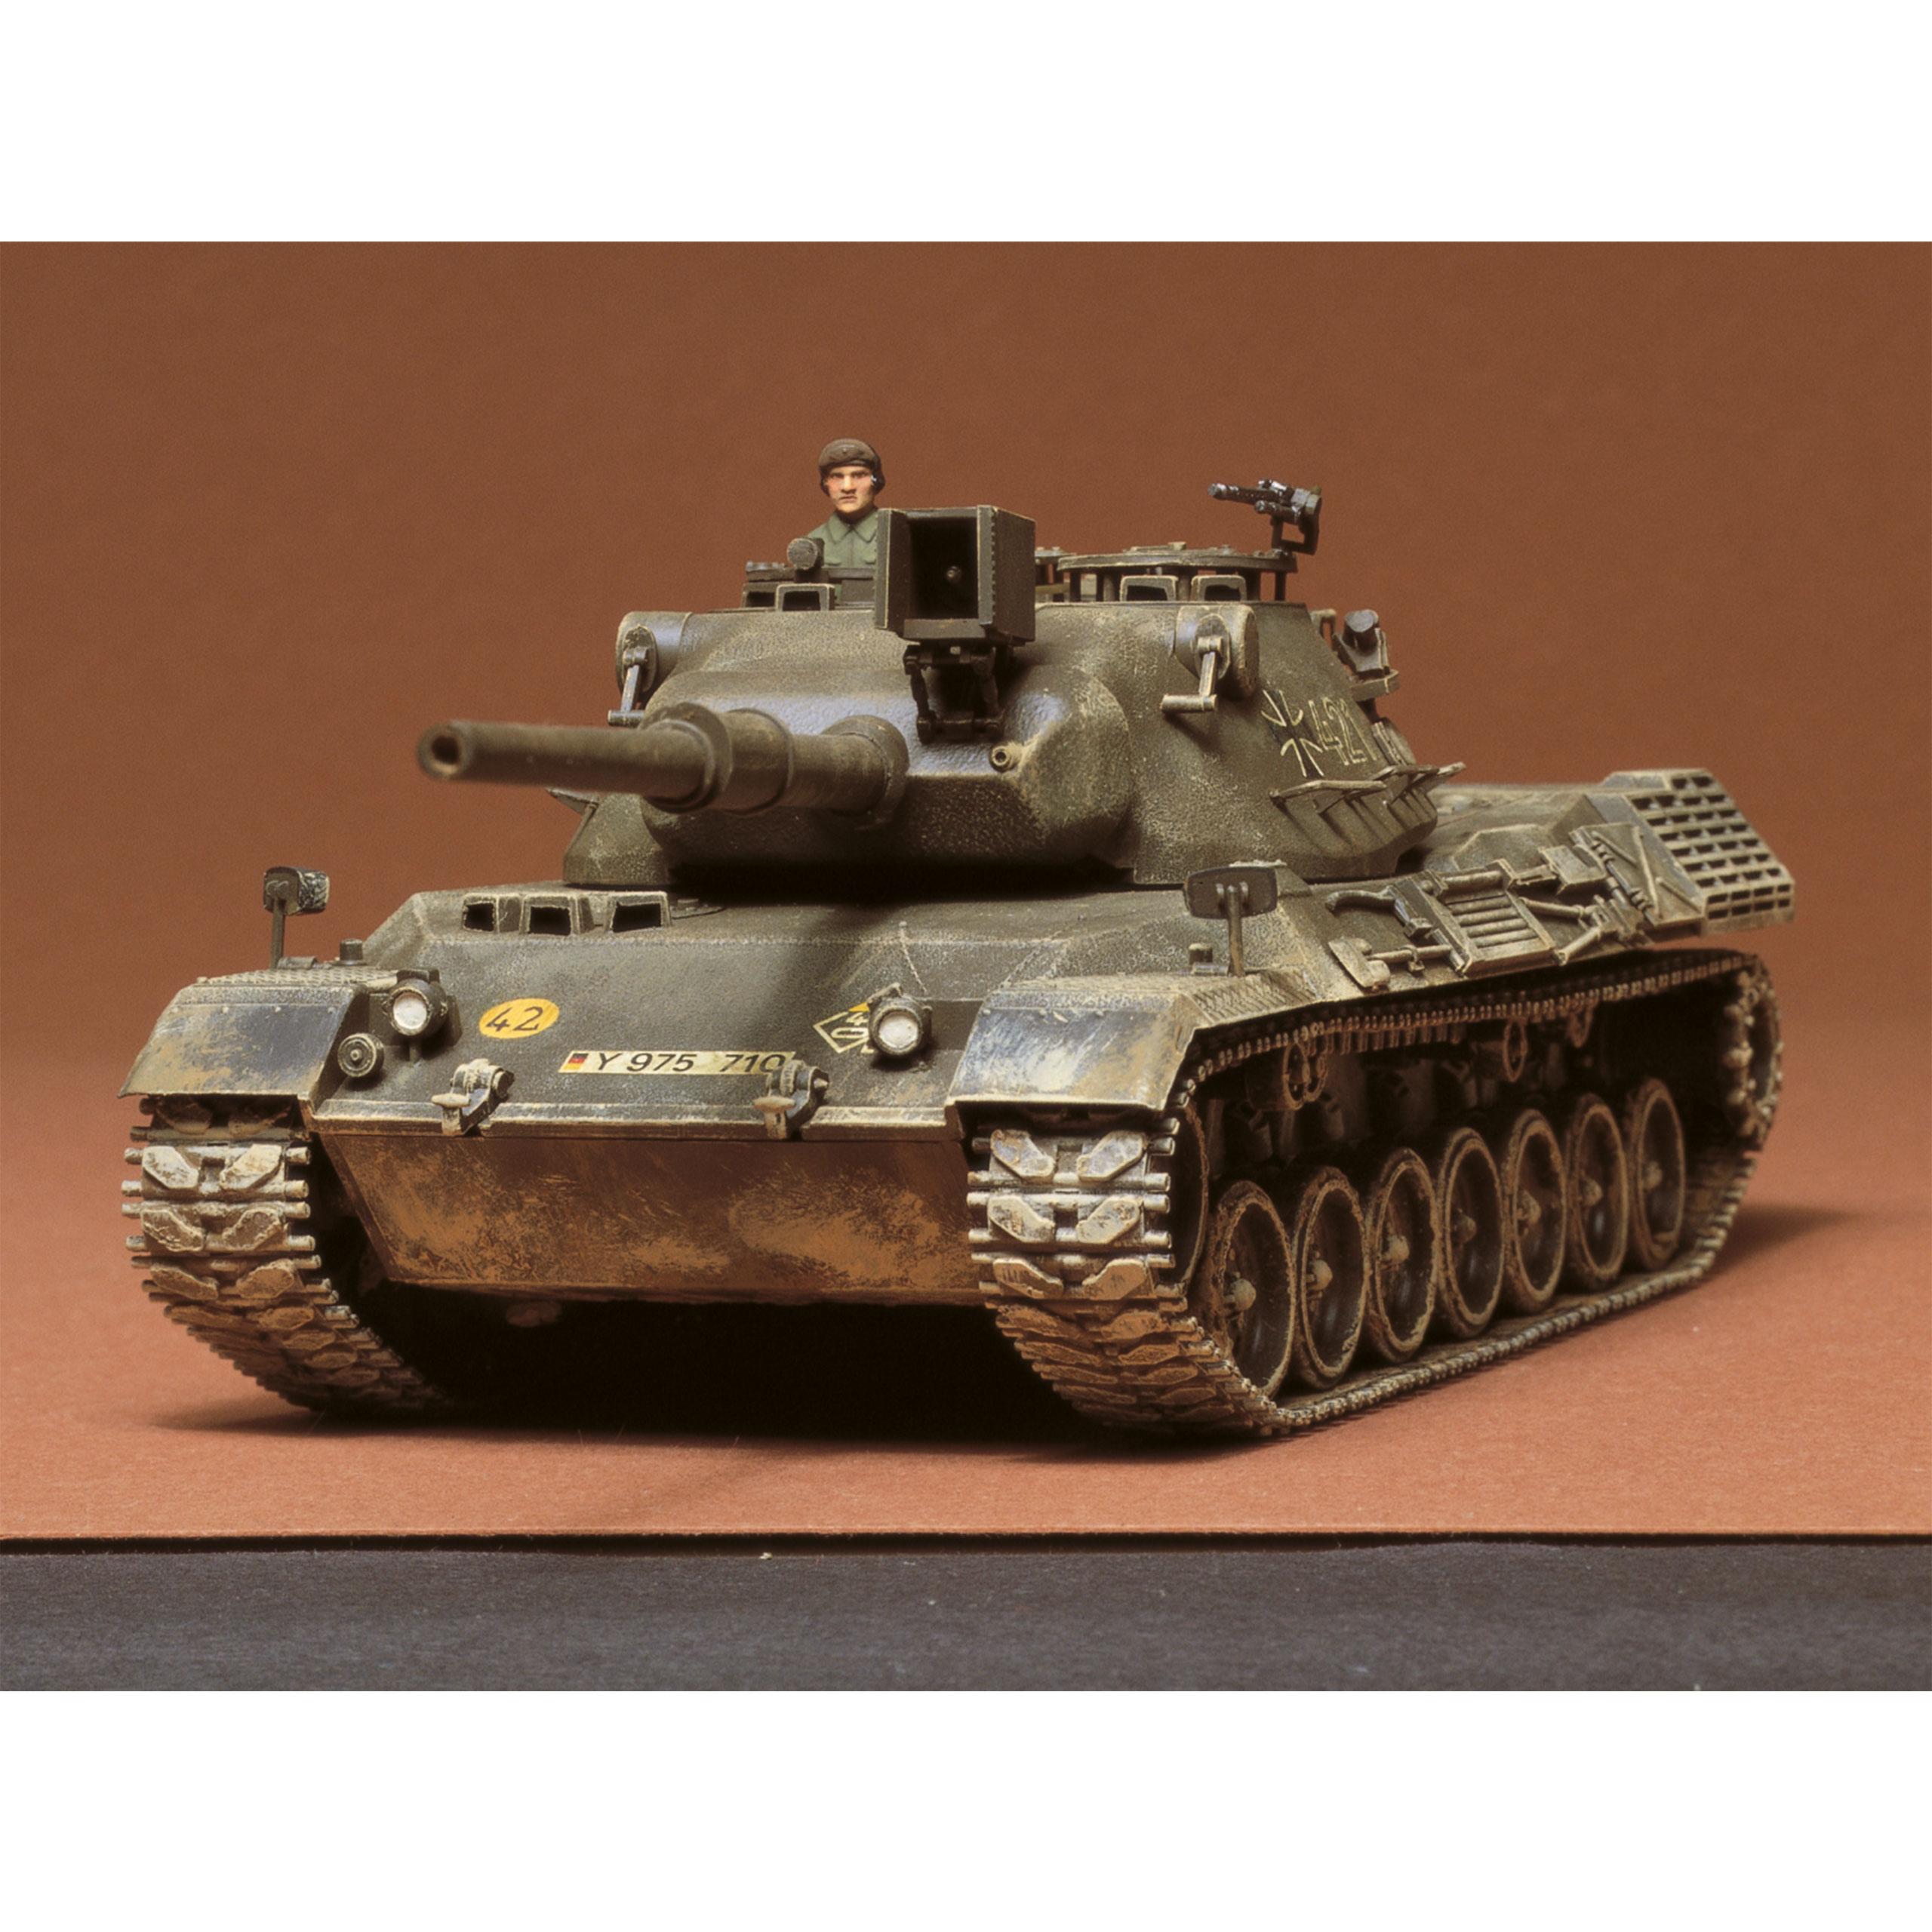 Tamiya 1:35 Bundeswehr KPz Leopard 1 300035064